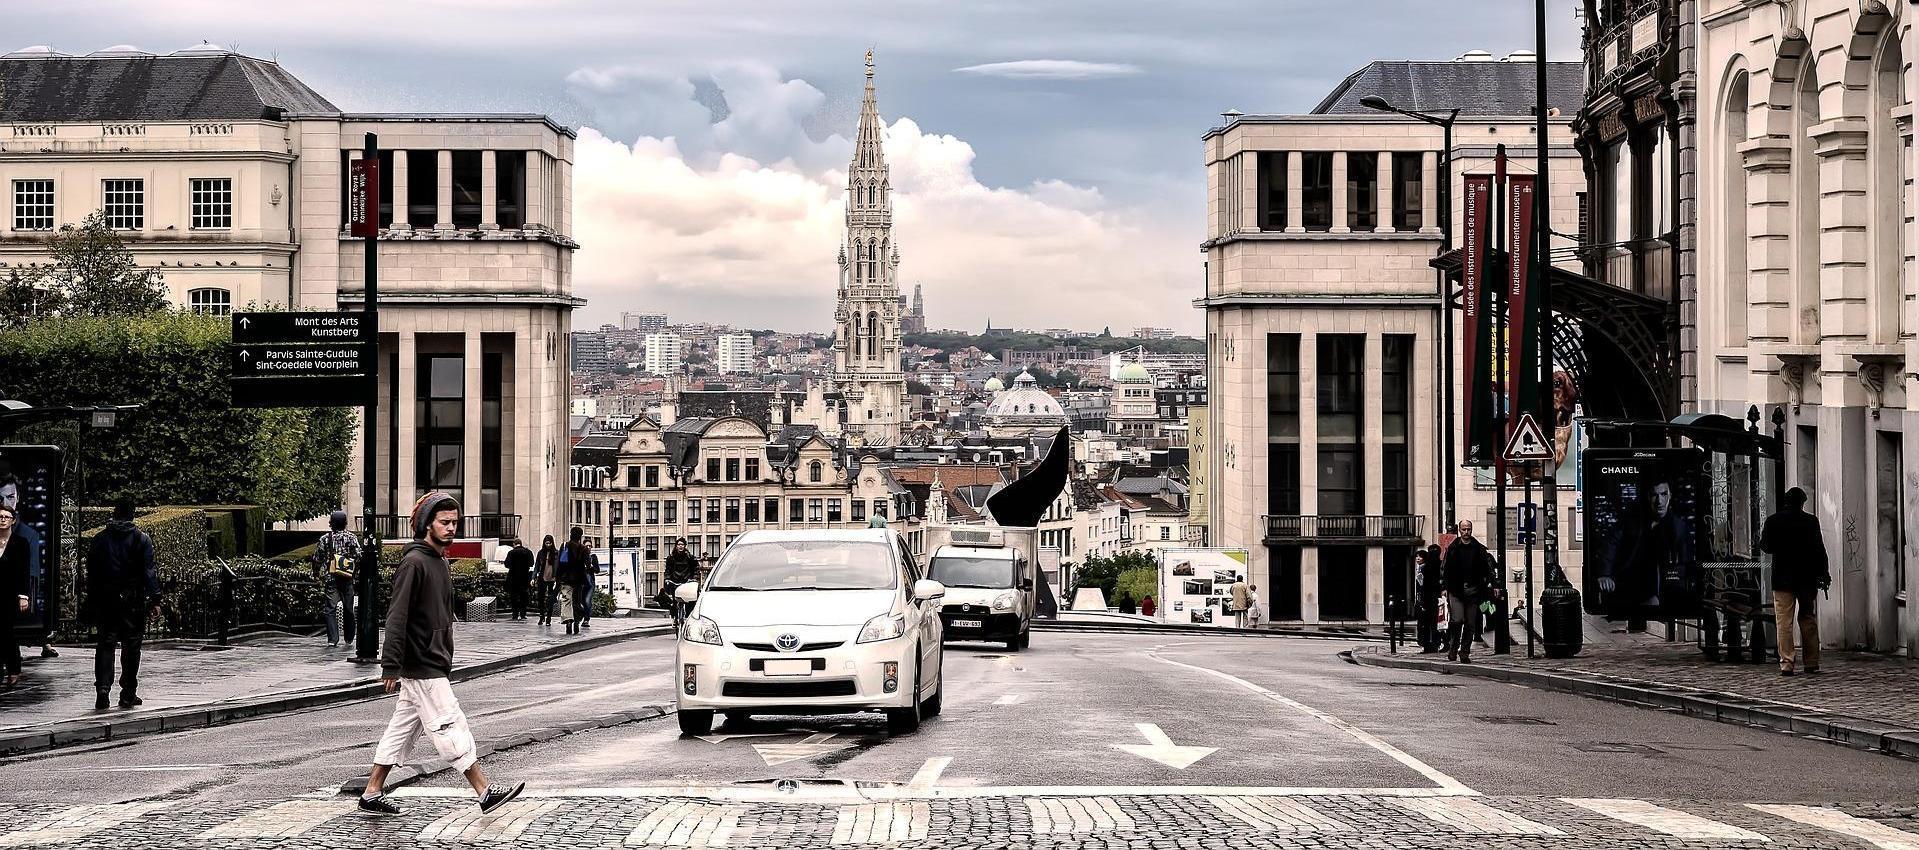 Brussel, een drukke stad.